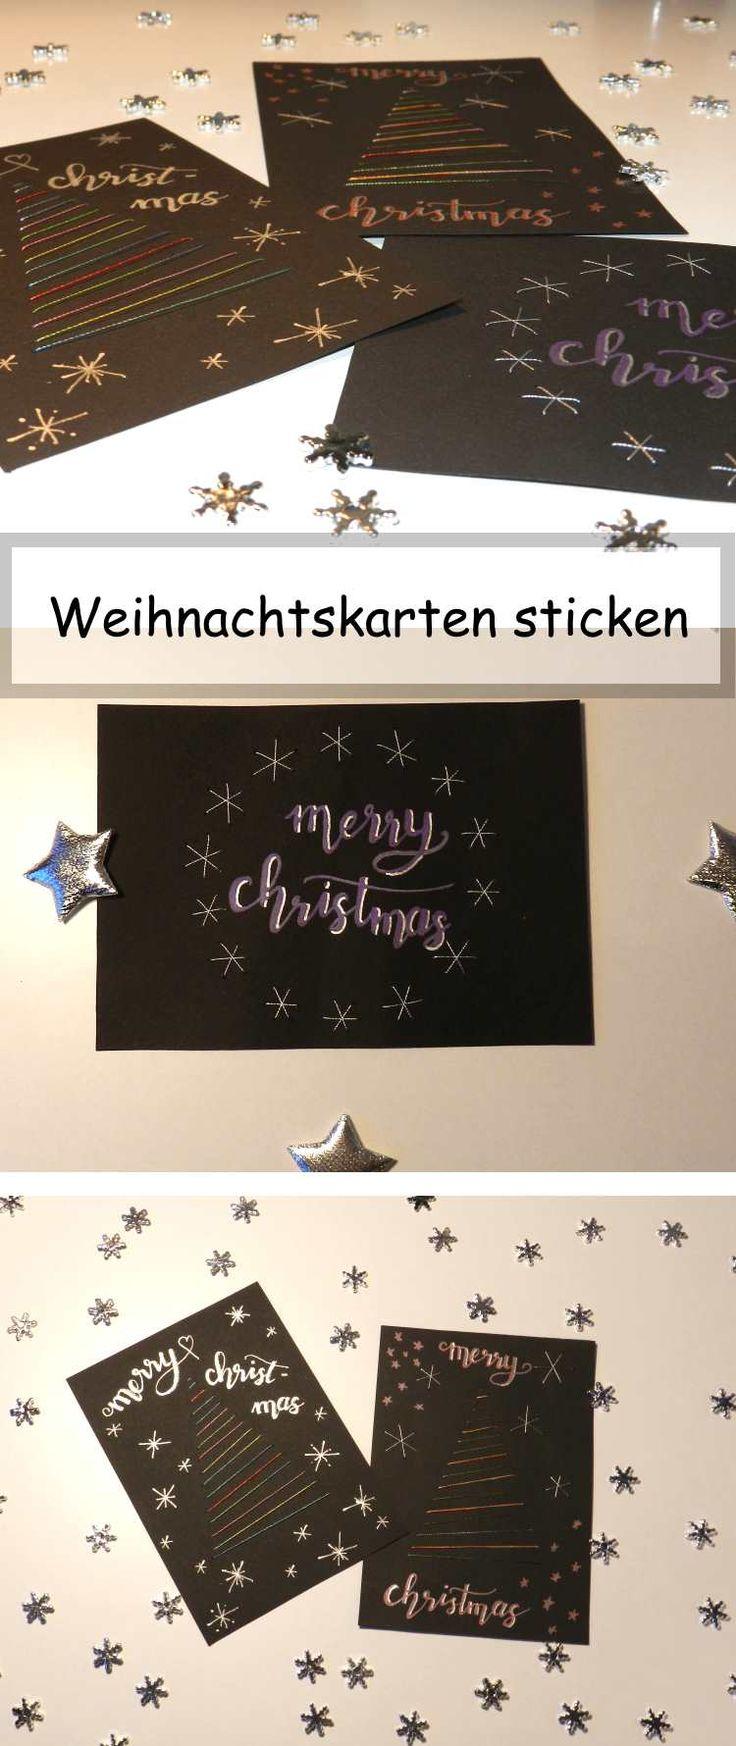 DIY Weihnachtskarten selbermachen - besticke deine Karte mit glitzerndem Garn und verschick selbstgemachte Karten zu Weihnachten! DIY Anleitung für eine Weihnachtskarte. #DIY #DIYKarte #Karte #Weihnachten #Weihnachtskarte #Selbermachen #Sticken